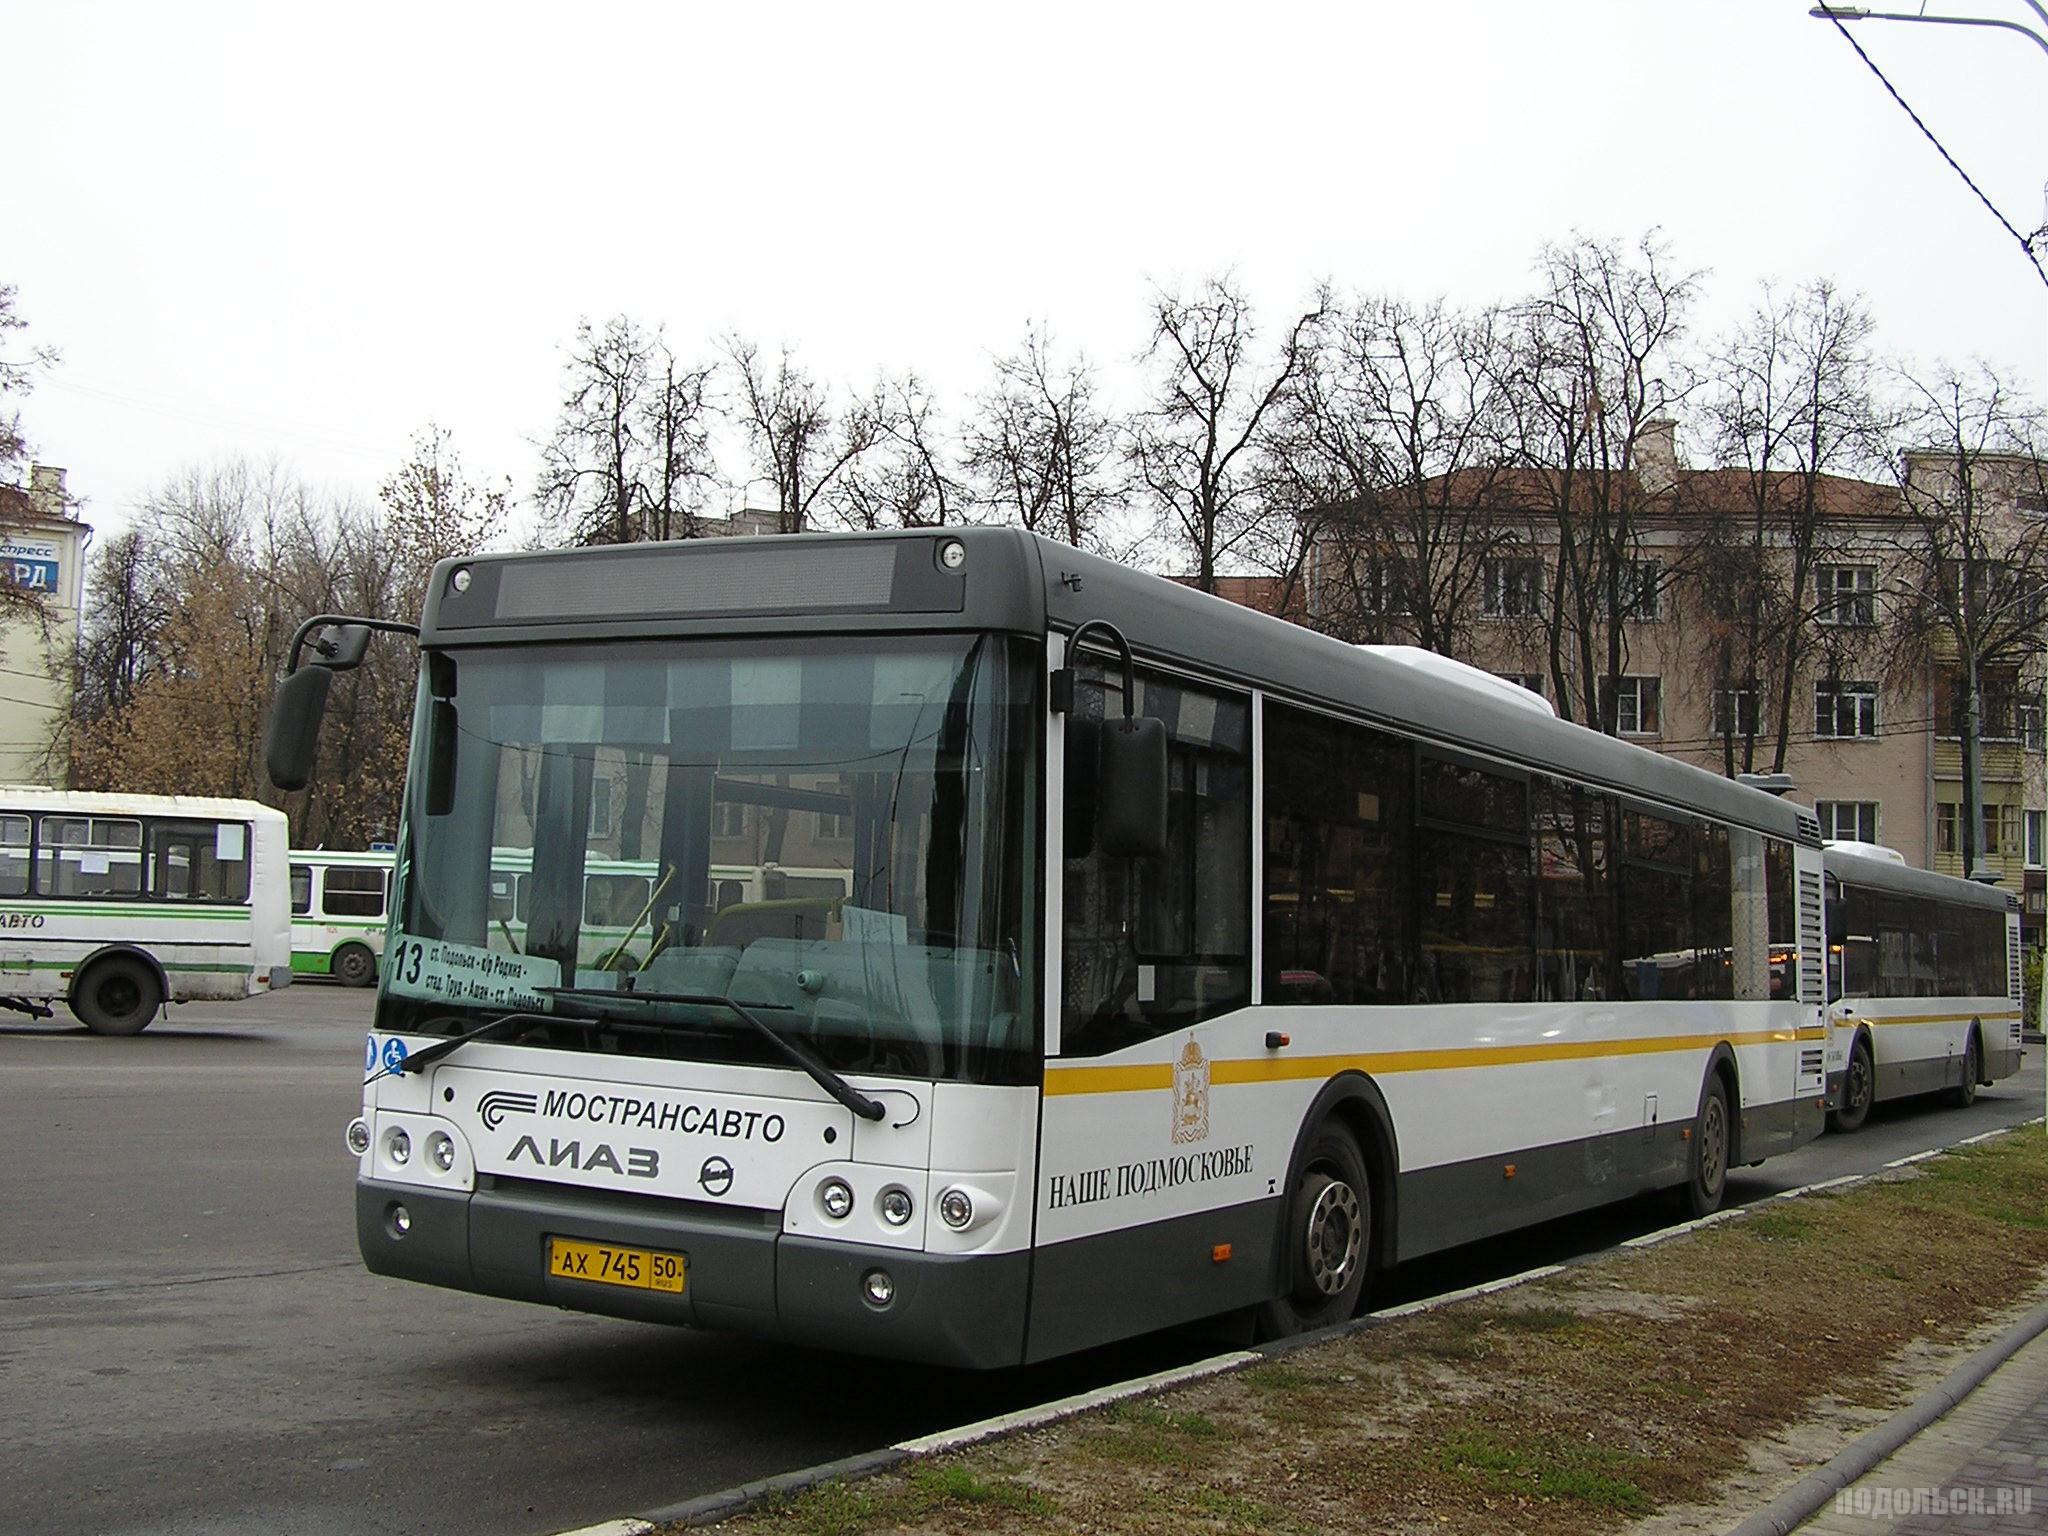 Новые автобусы на станции. 4 ноября 2015 г.